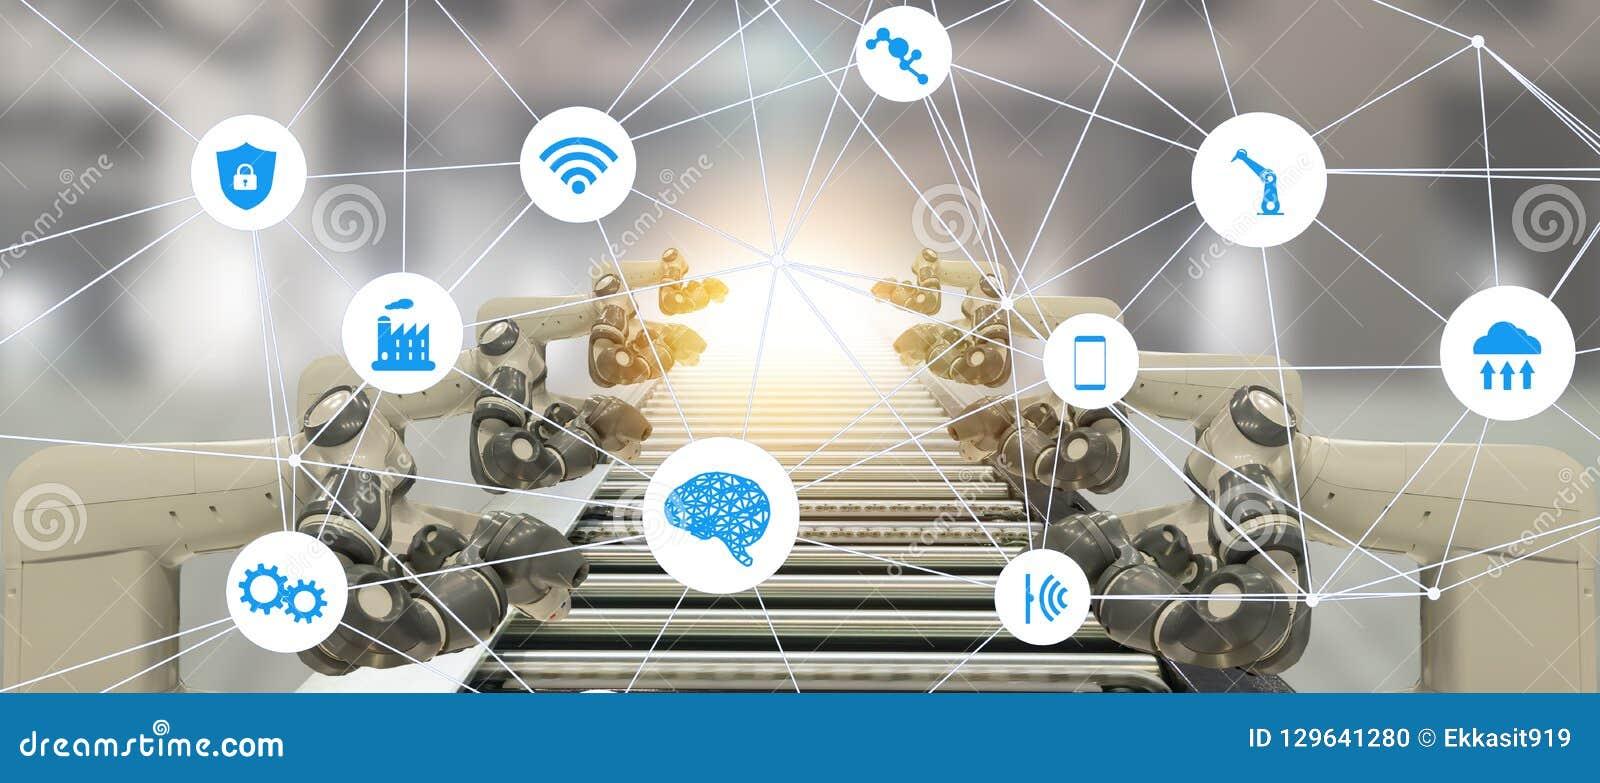 Industria 4 de Iot 0 conceptos de la tecnología de inteligencia artificial Fábrica elegante usando tender manufacturi automotriz